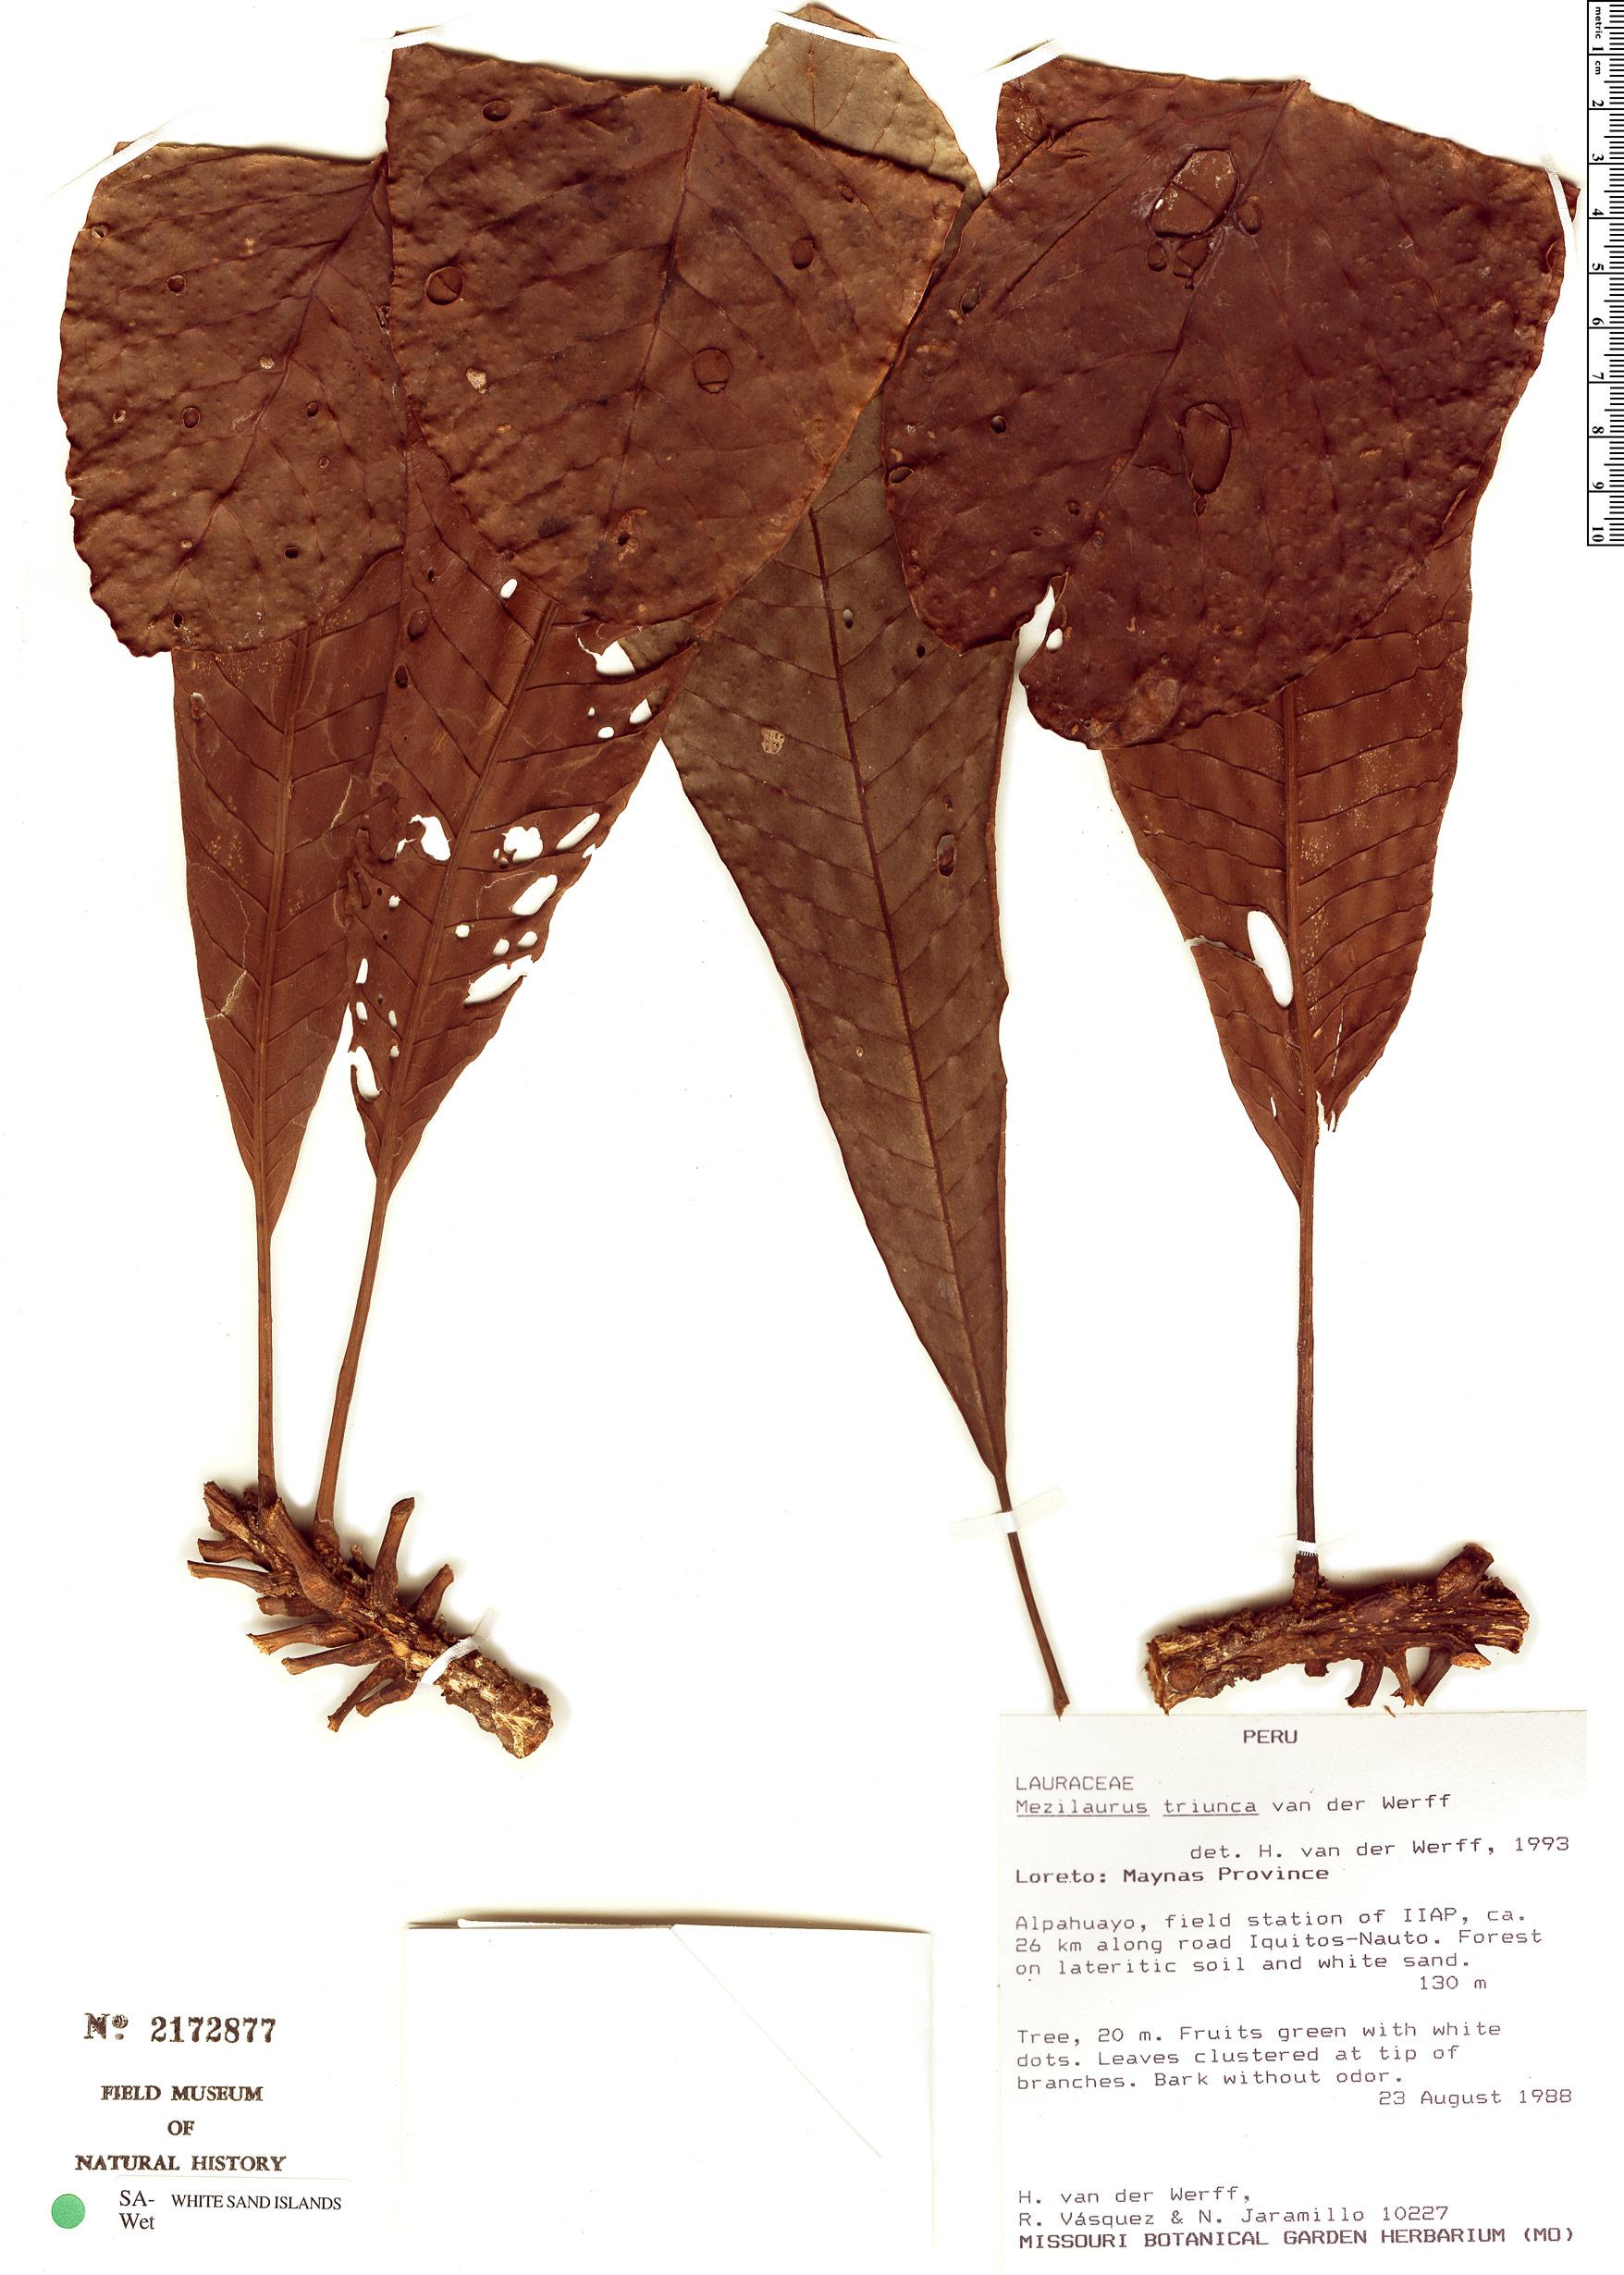 Specimen: Mezilaurus triunca